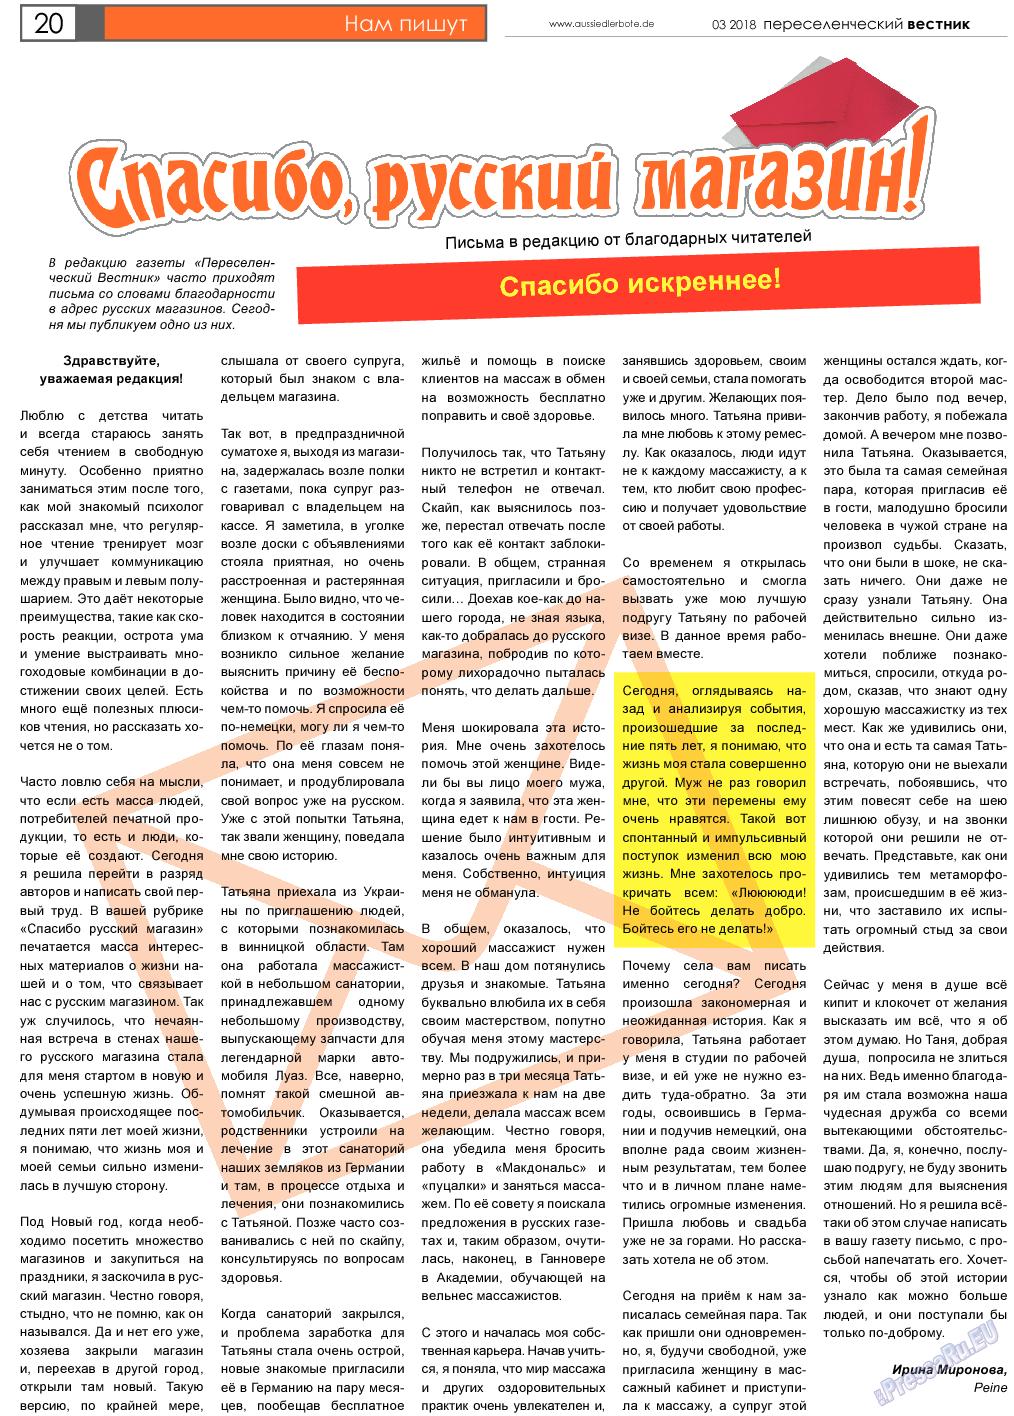 Переселенческий вестник (газета). 2018 год, номер 3, стр. 20